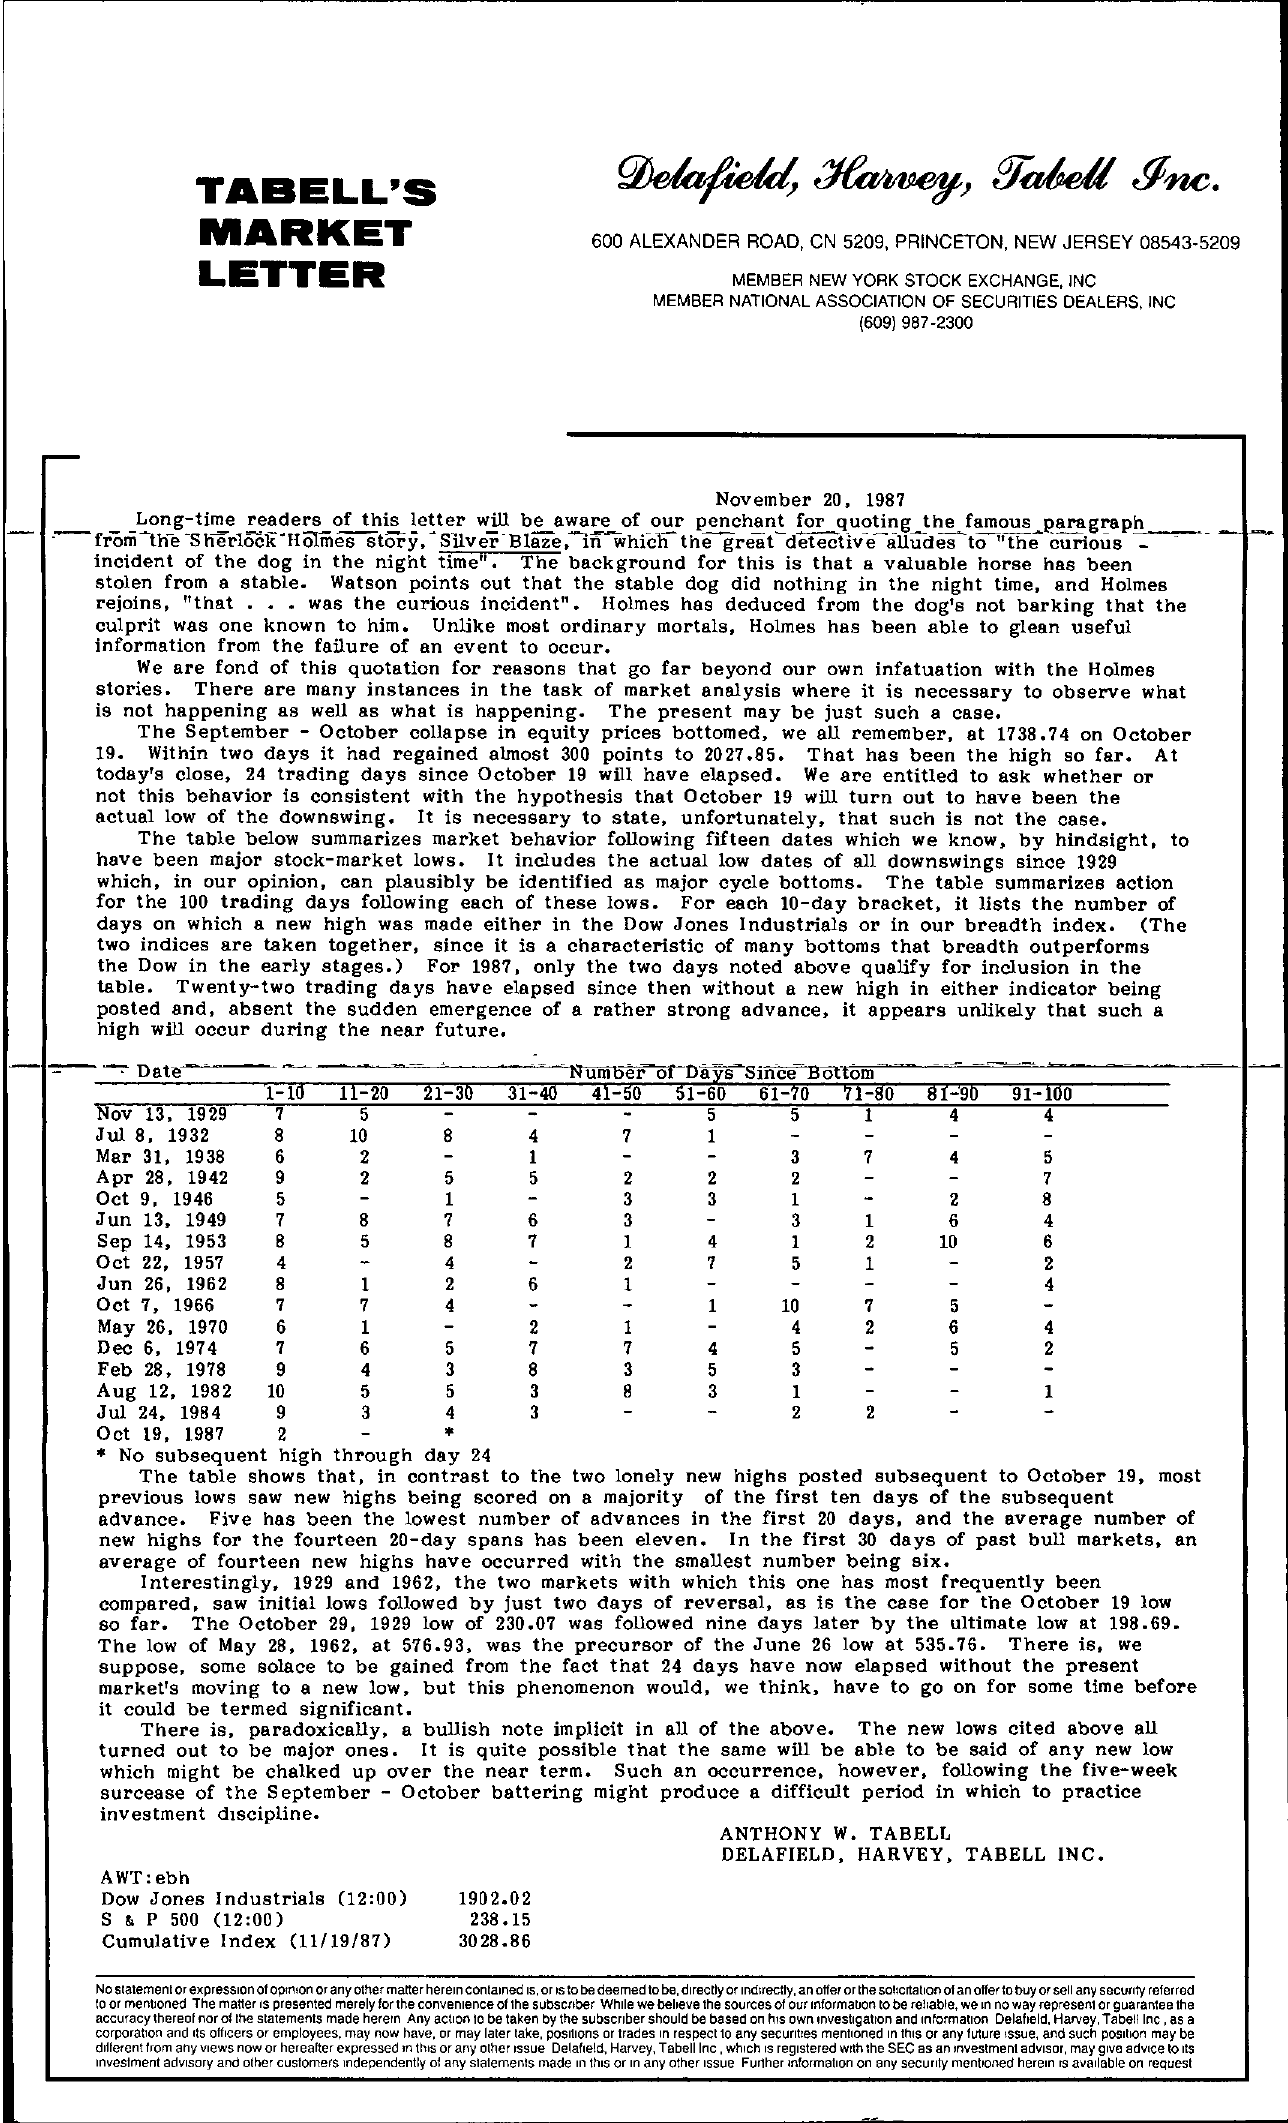 Tabell's Market Letter - November 20, 1987